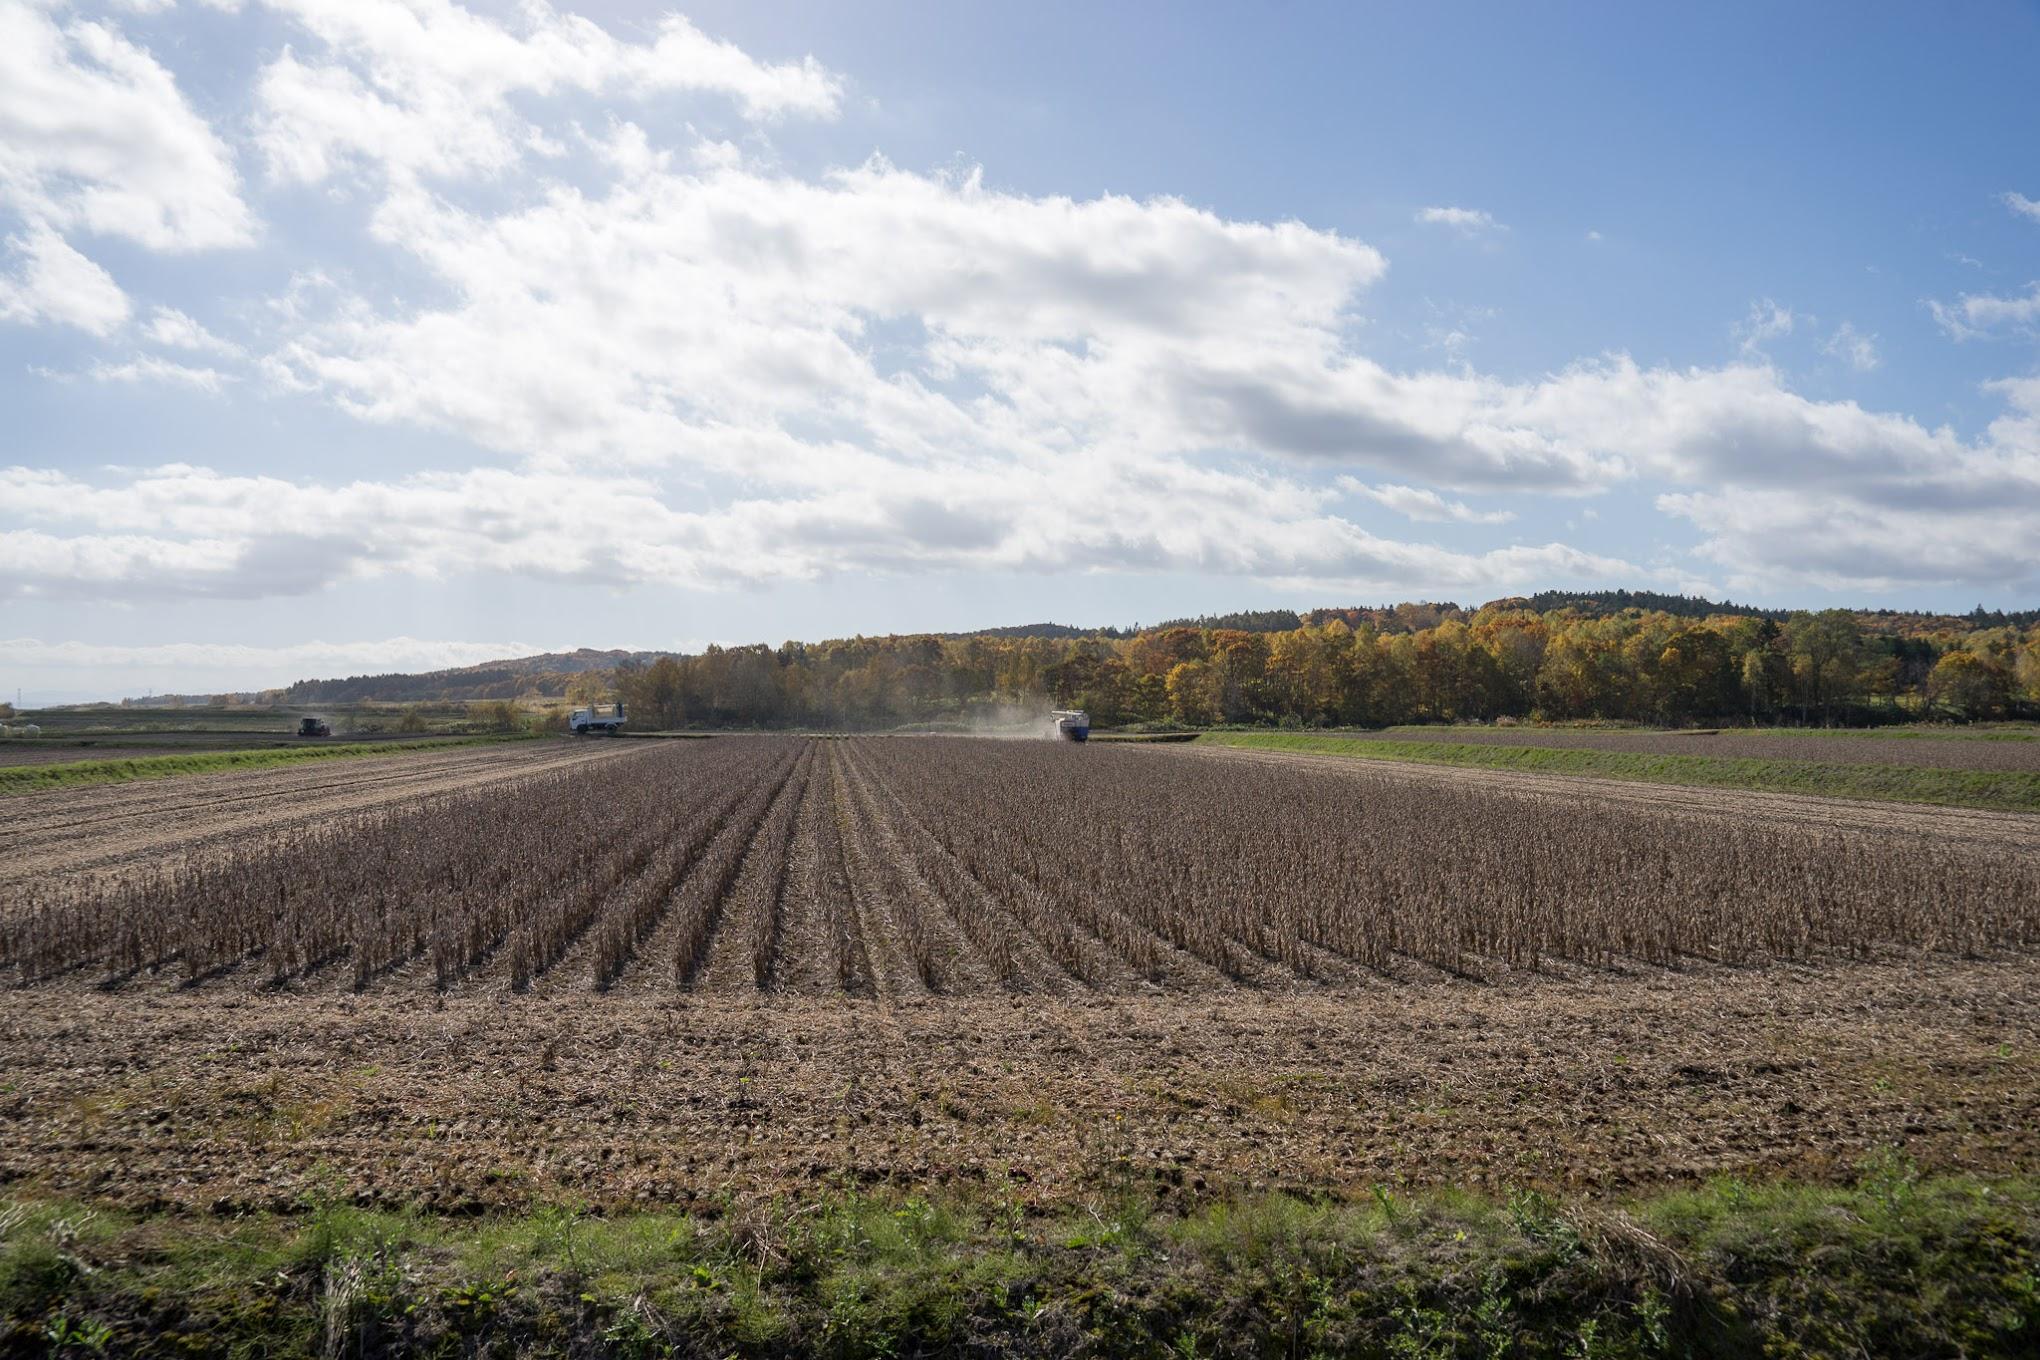 秋も深まりゆく北竜町の風景